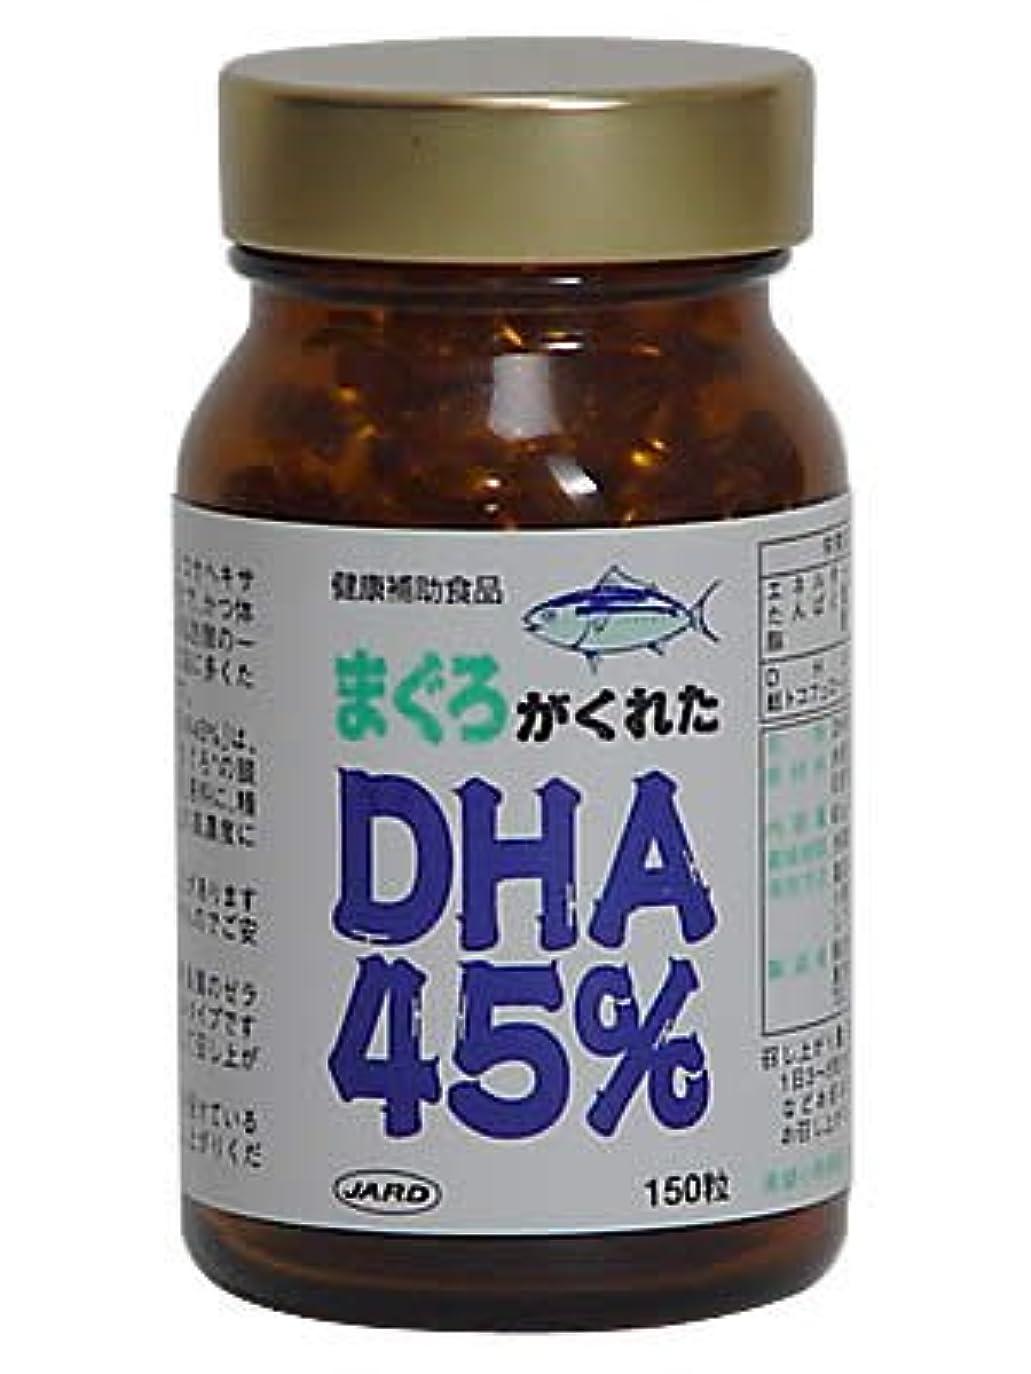 コミュニケーショントランジスタ称賛ユニマットリケン マグロがくれたDHA45 150p